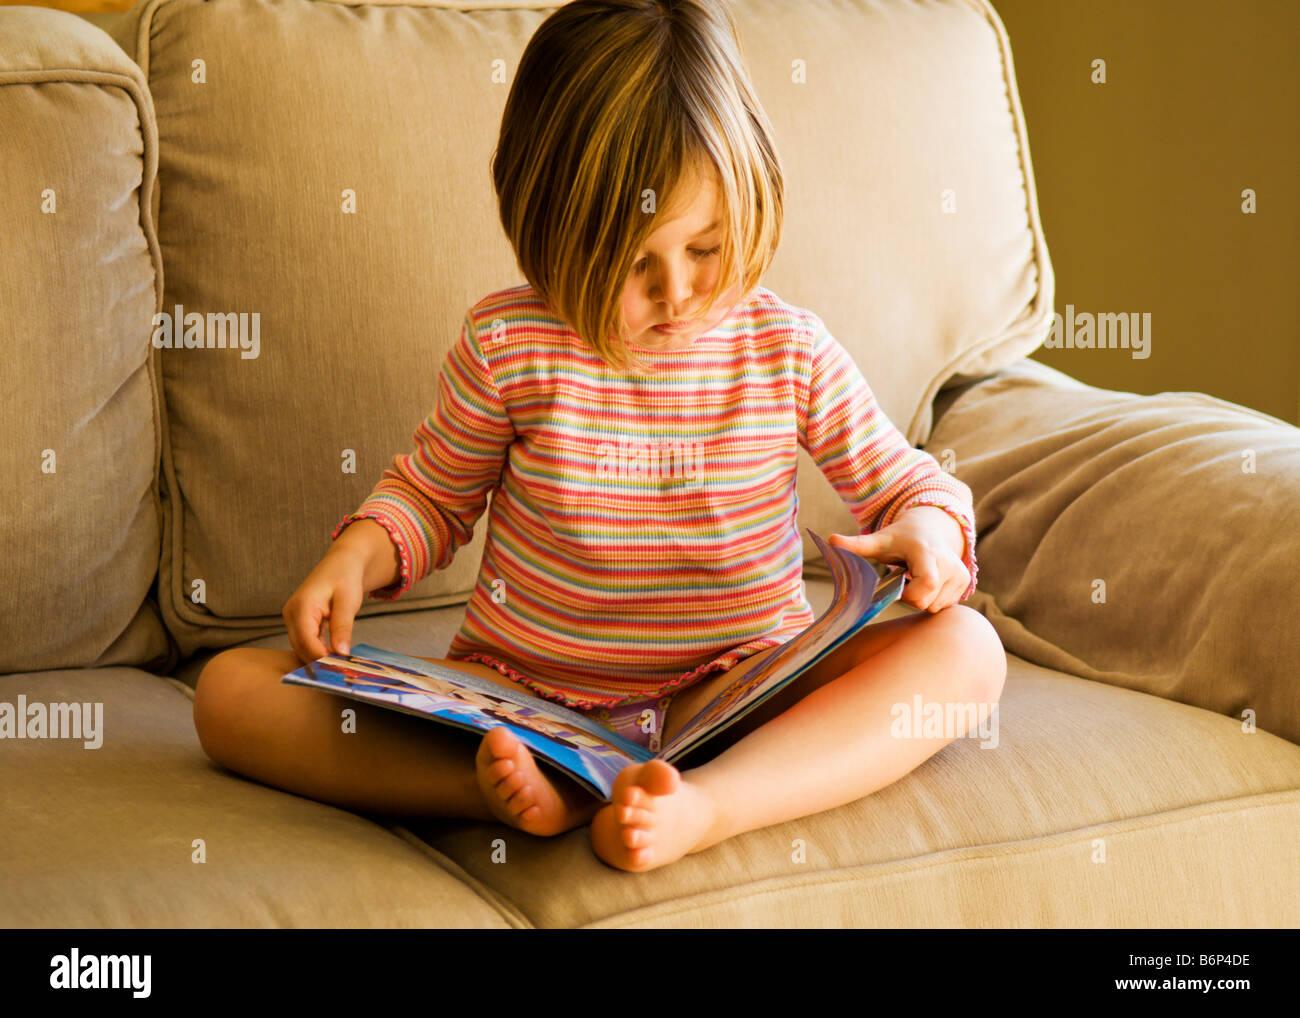 Ragazza, 3-5 anni, si siede su un comodo divano a leggere un libro. Immagini Stock